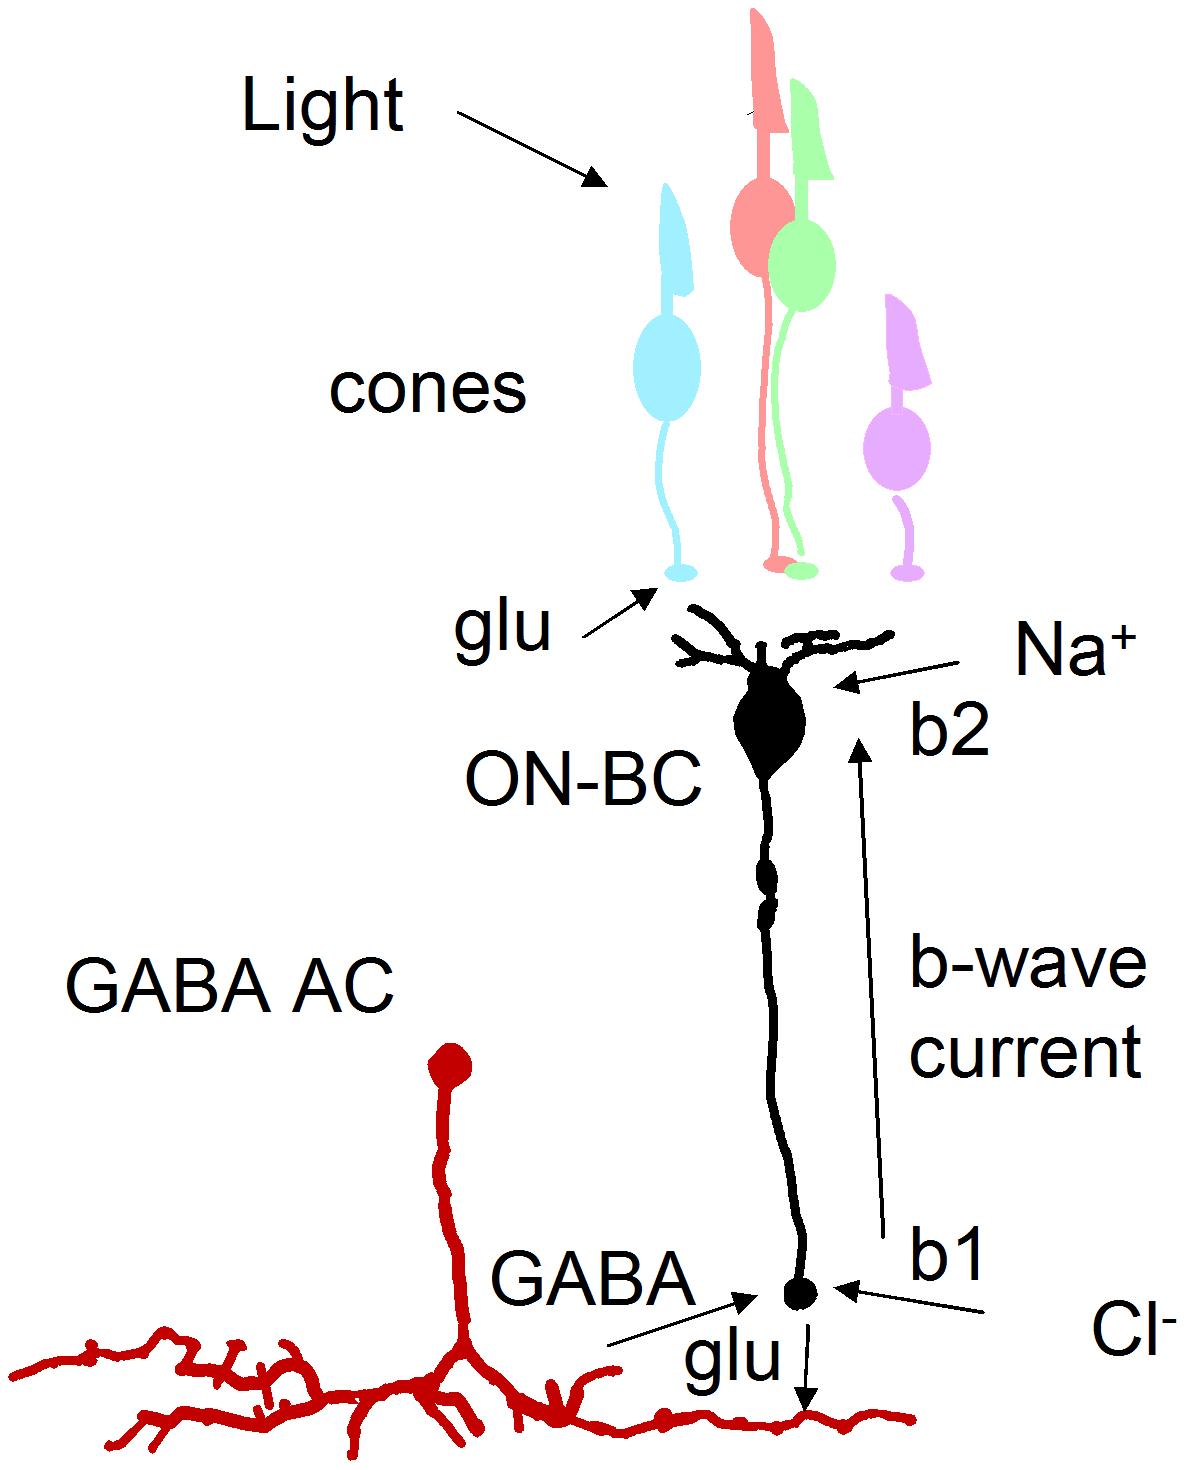 GABA-dependent mechanism for enlarged b-wave.